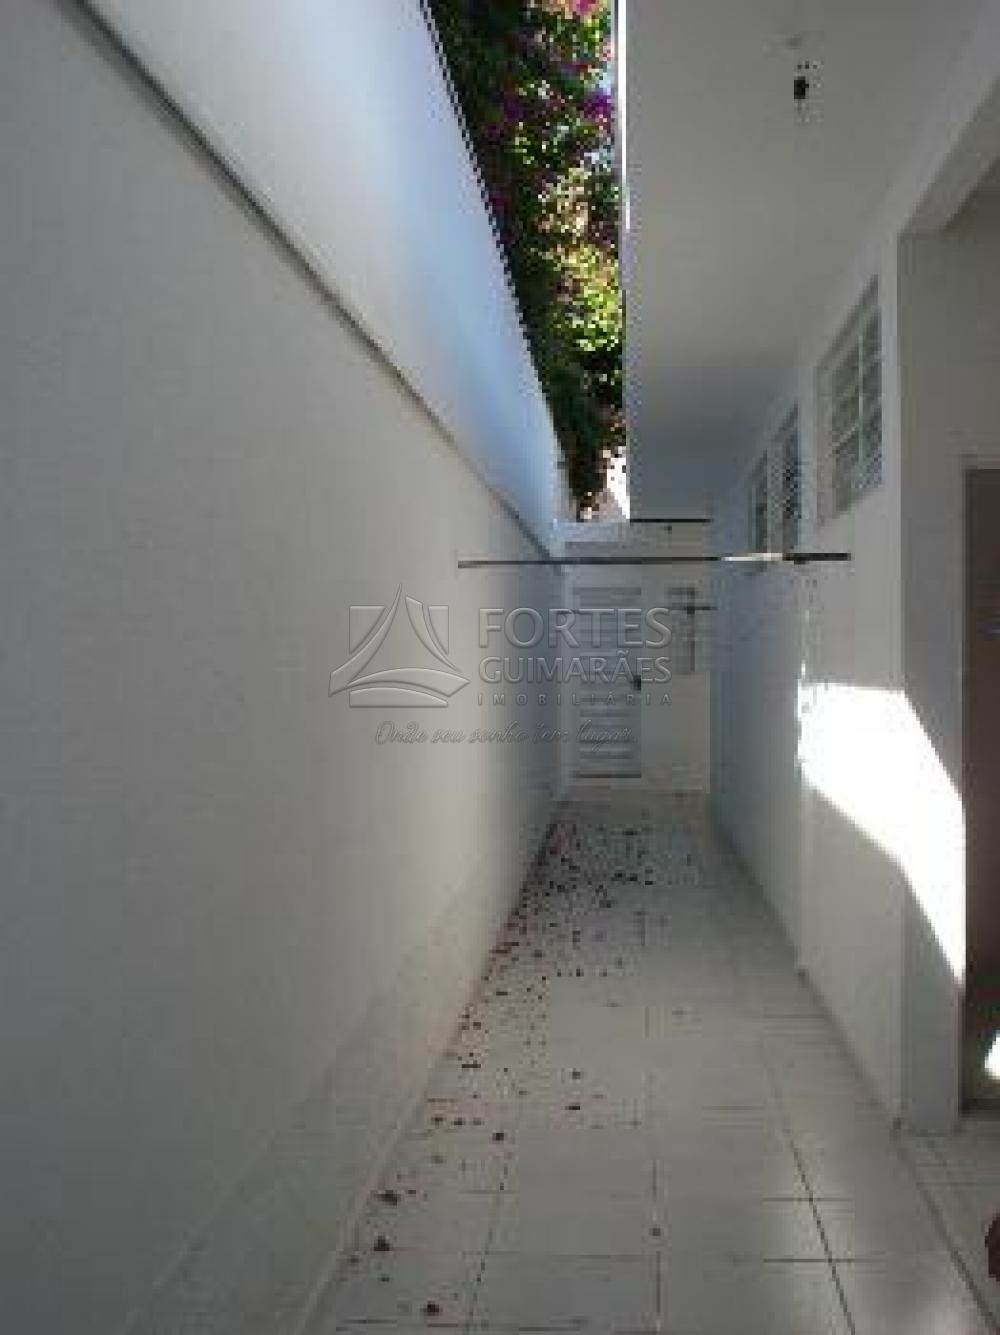 Alugar Casas / Padrão em Ribeirão Preto apenas R$ 2.800,00 - Foto 15